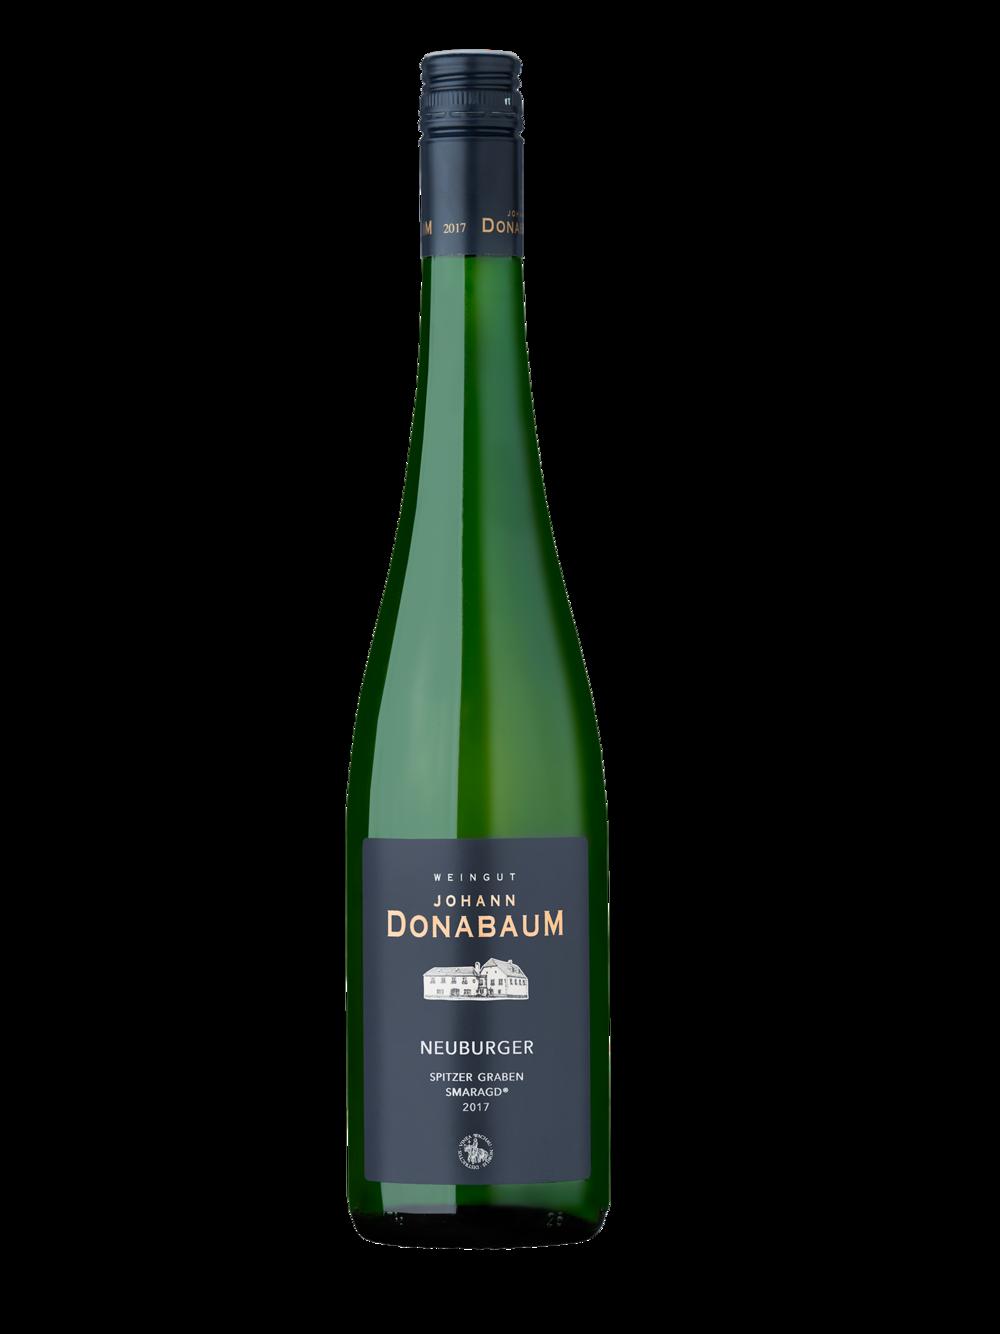 Weingut Johann Donabaum - Neuburger